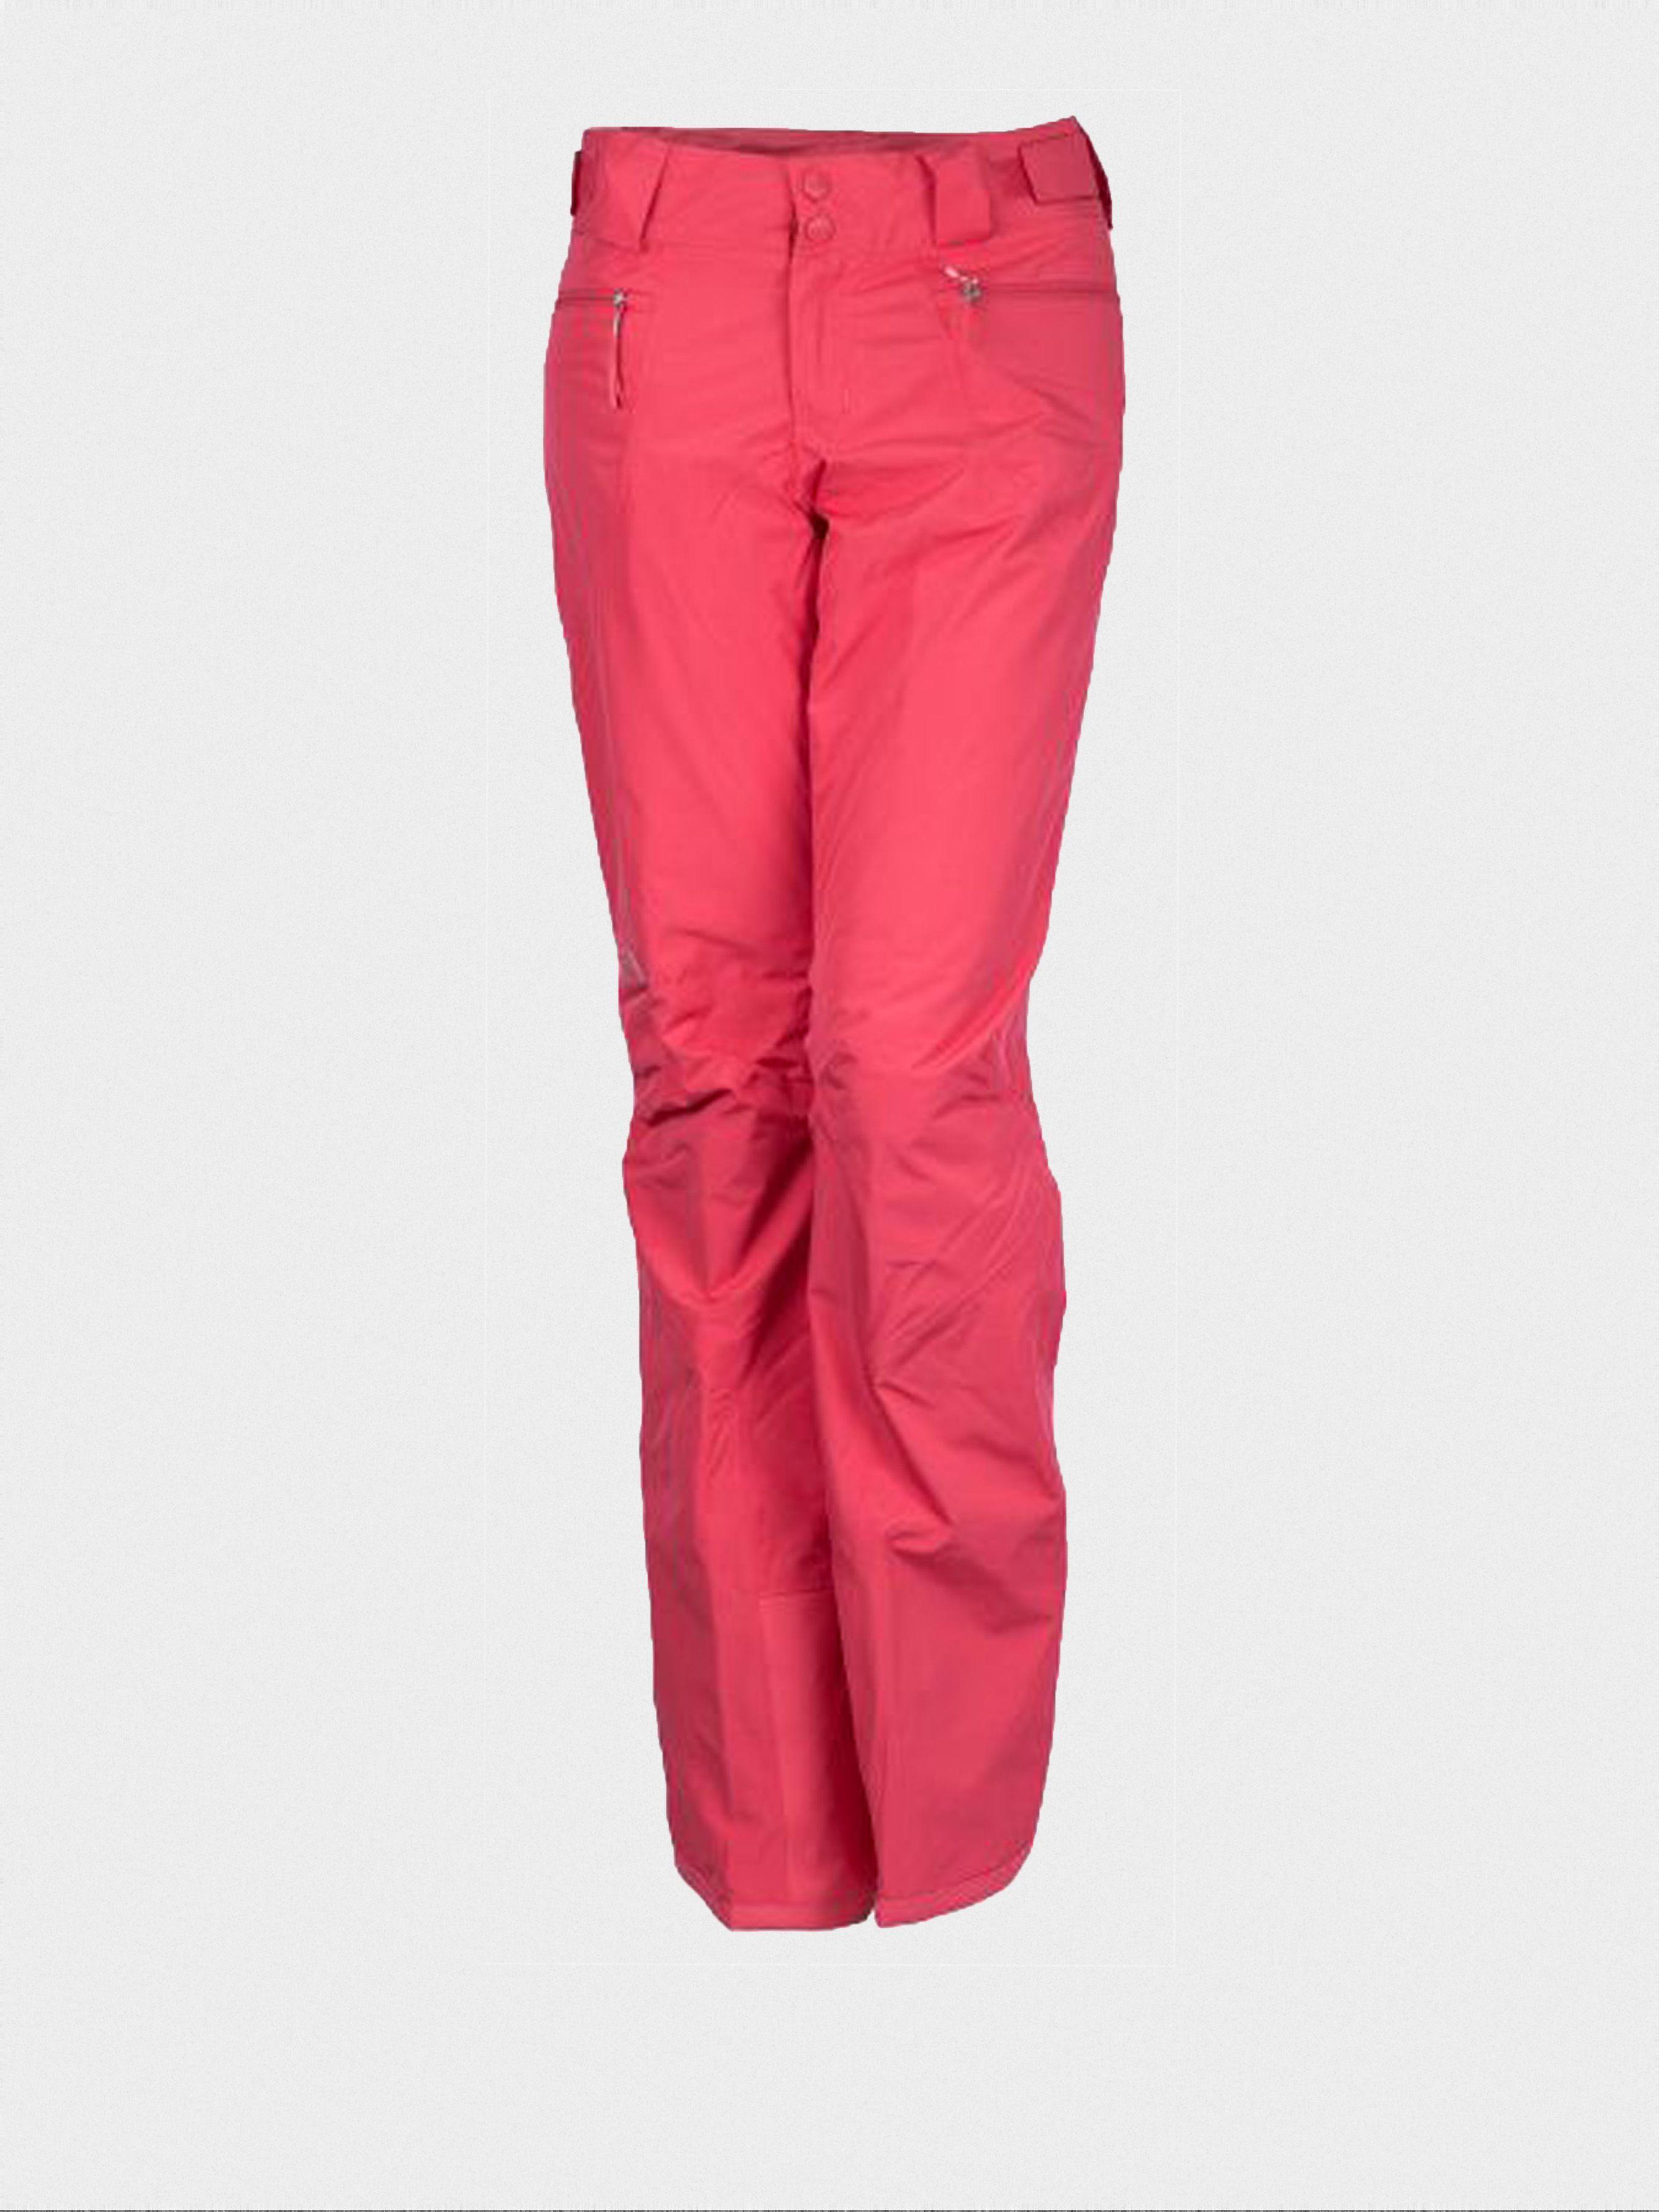 Купить Штаны спортивные женские модель N146, The North Face, Розовый